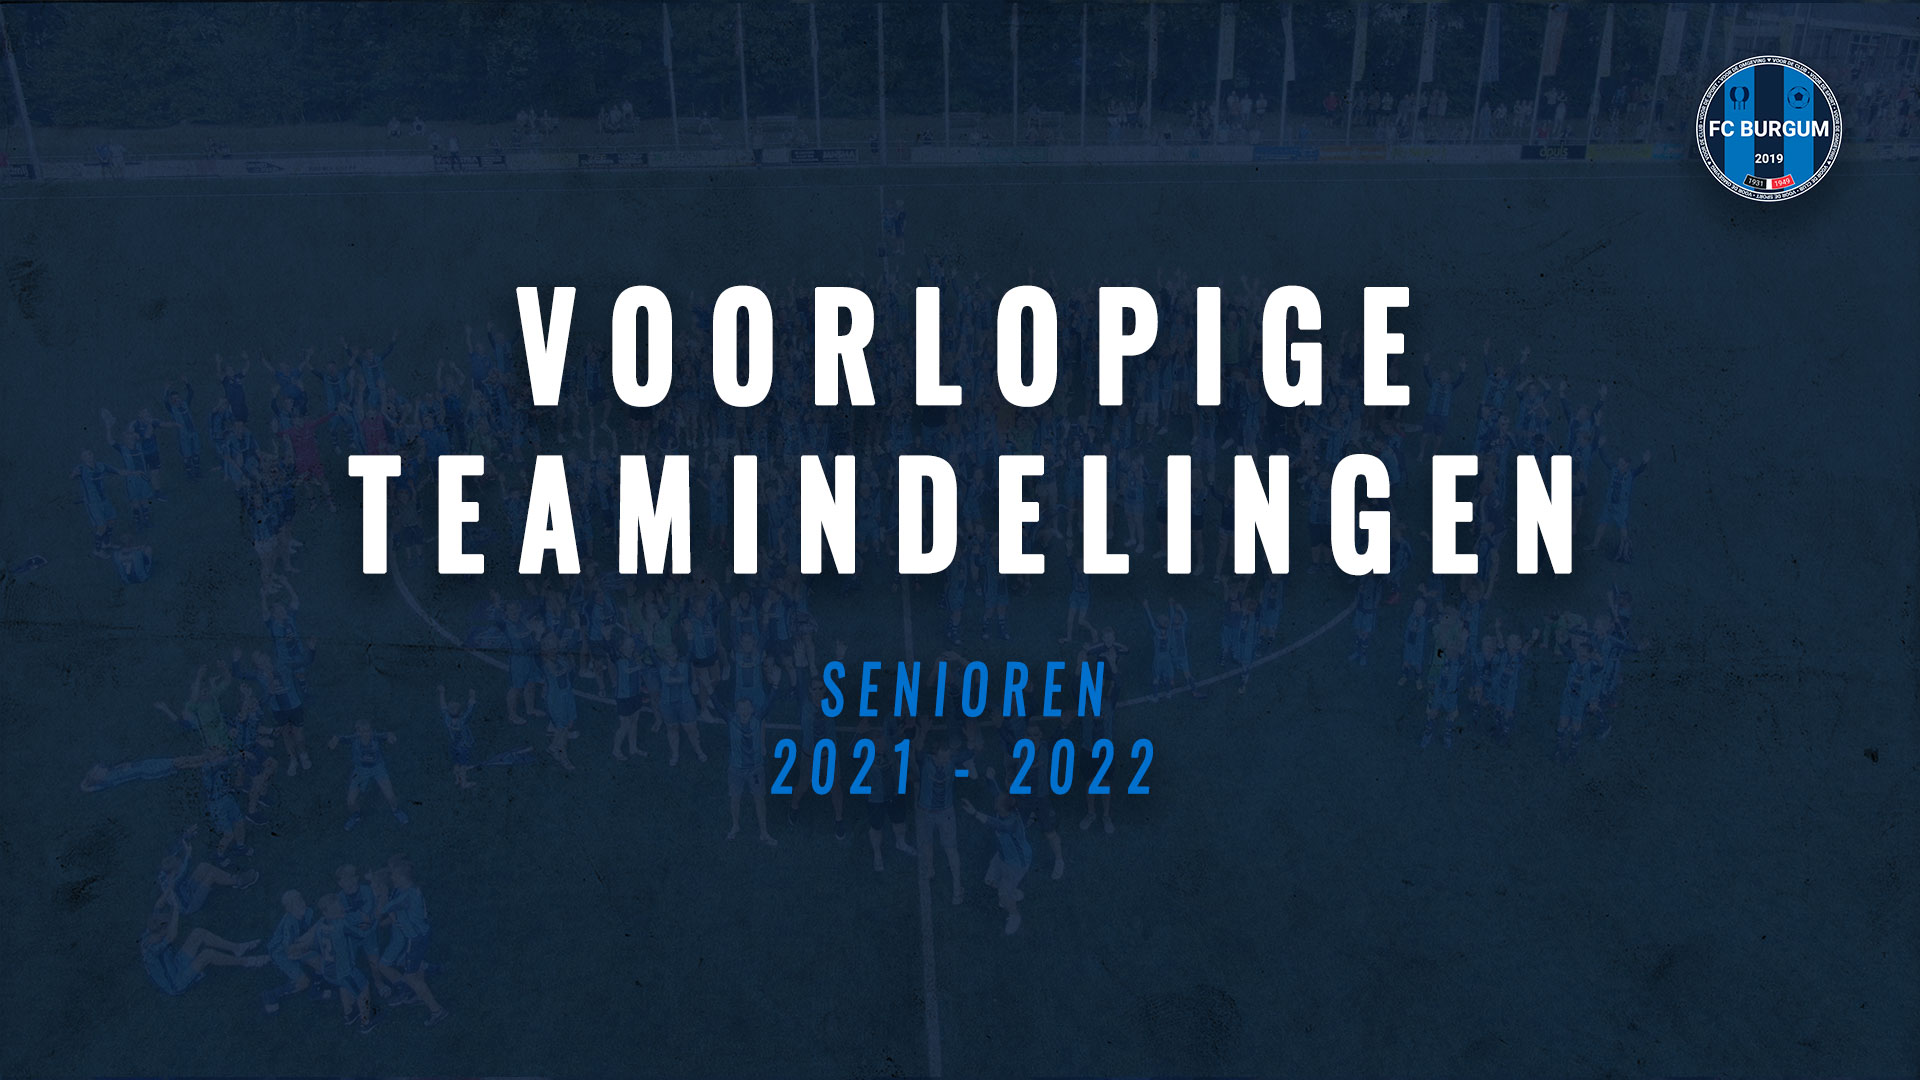 Voorlopige teamindelingen senioren 2021-2022